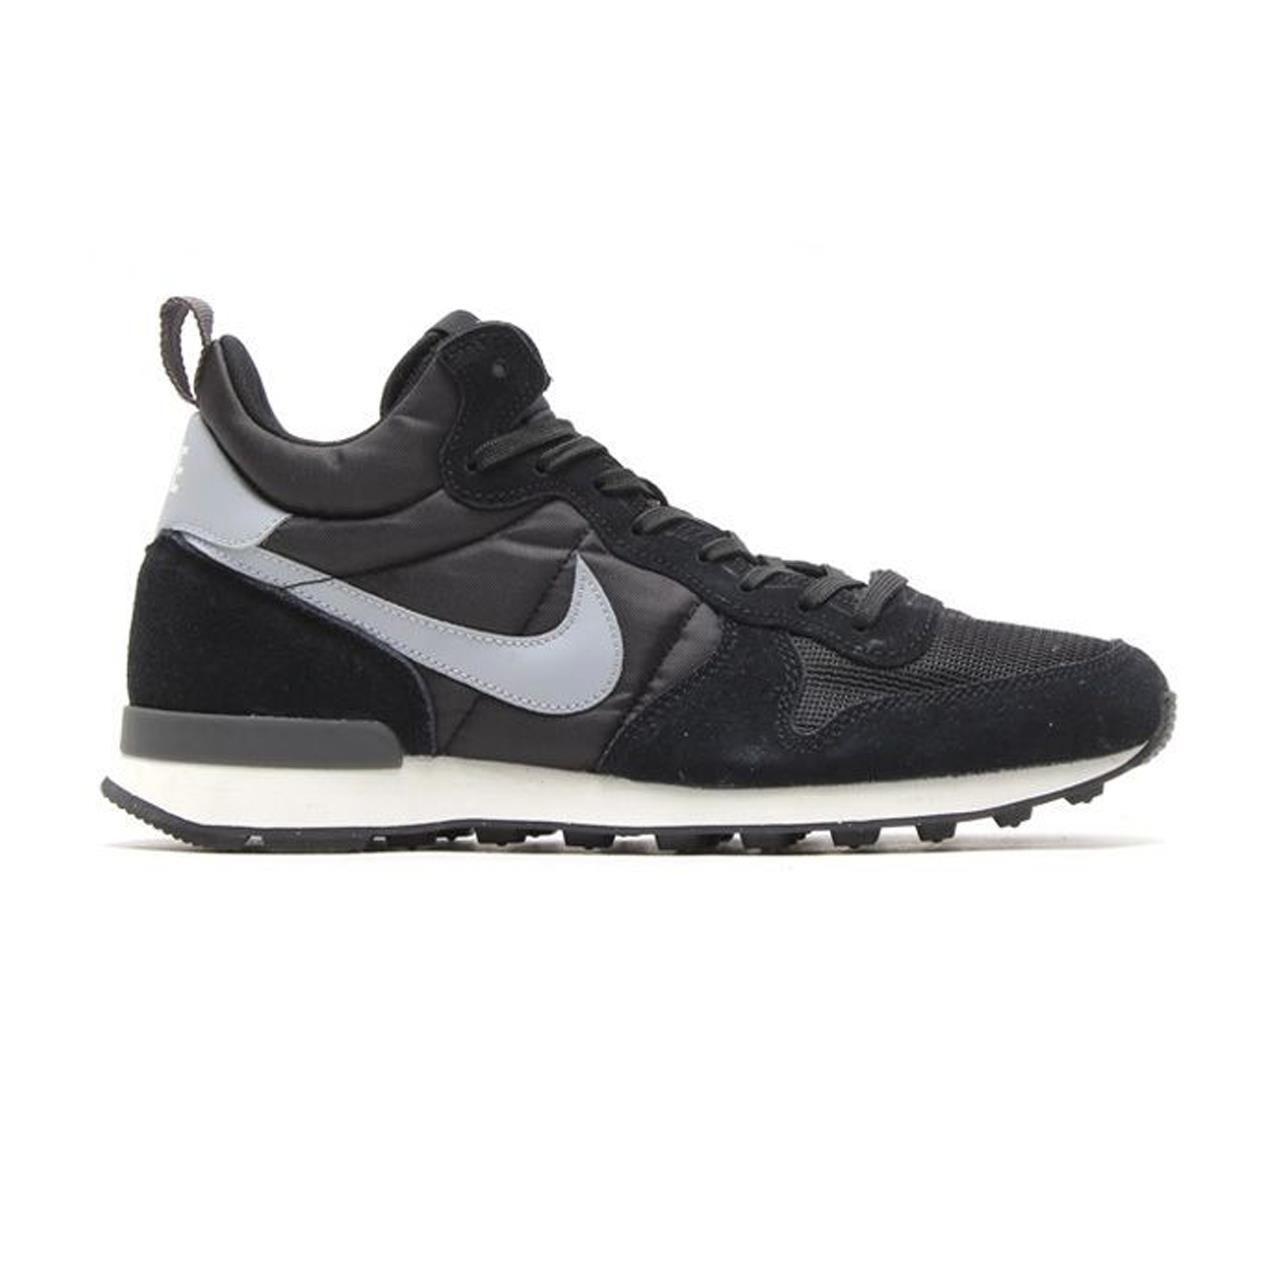 Top Nike internationalist mid sneakers (Zwart) Sneakers van het merk NIKE voor Heren . Uitgevoerd in zwart nu voor 89.99 EUR.